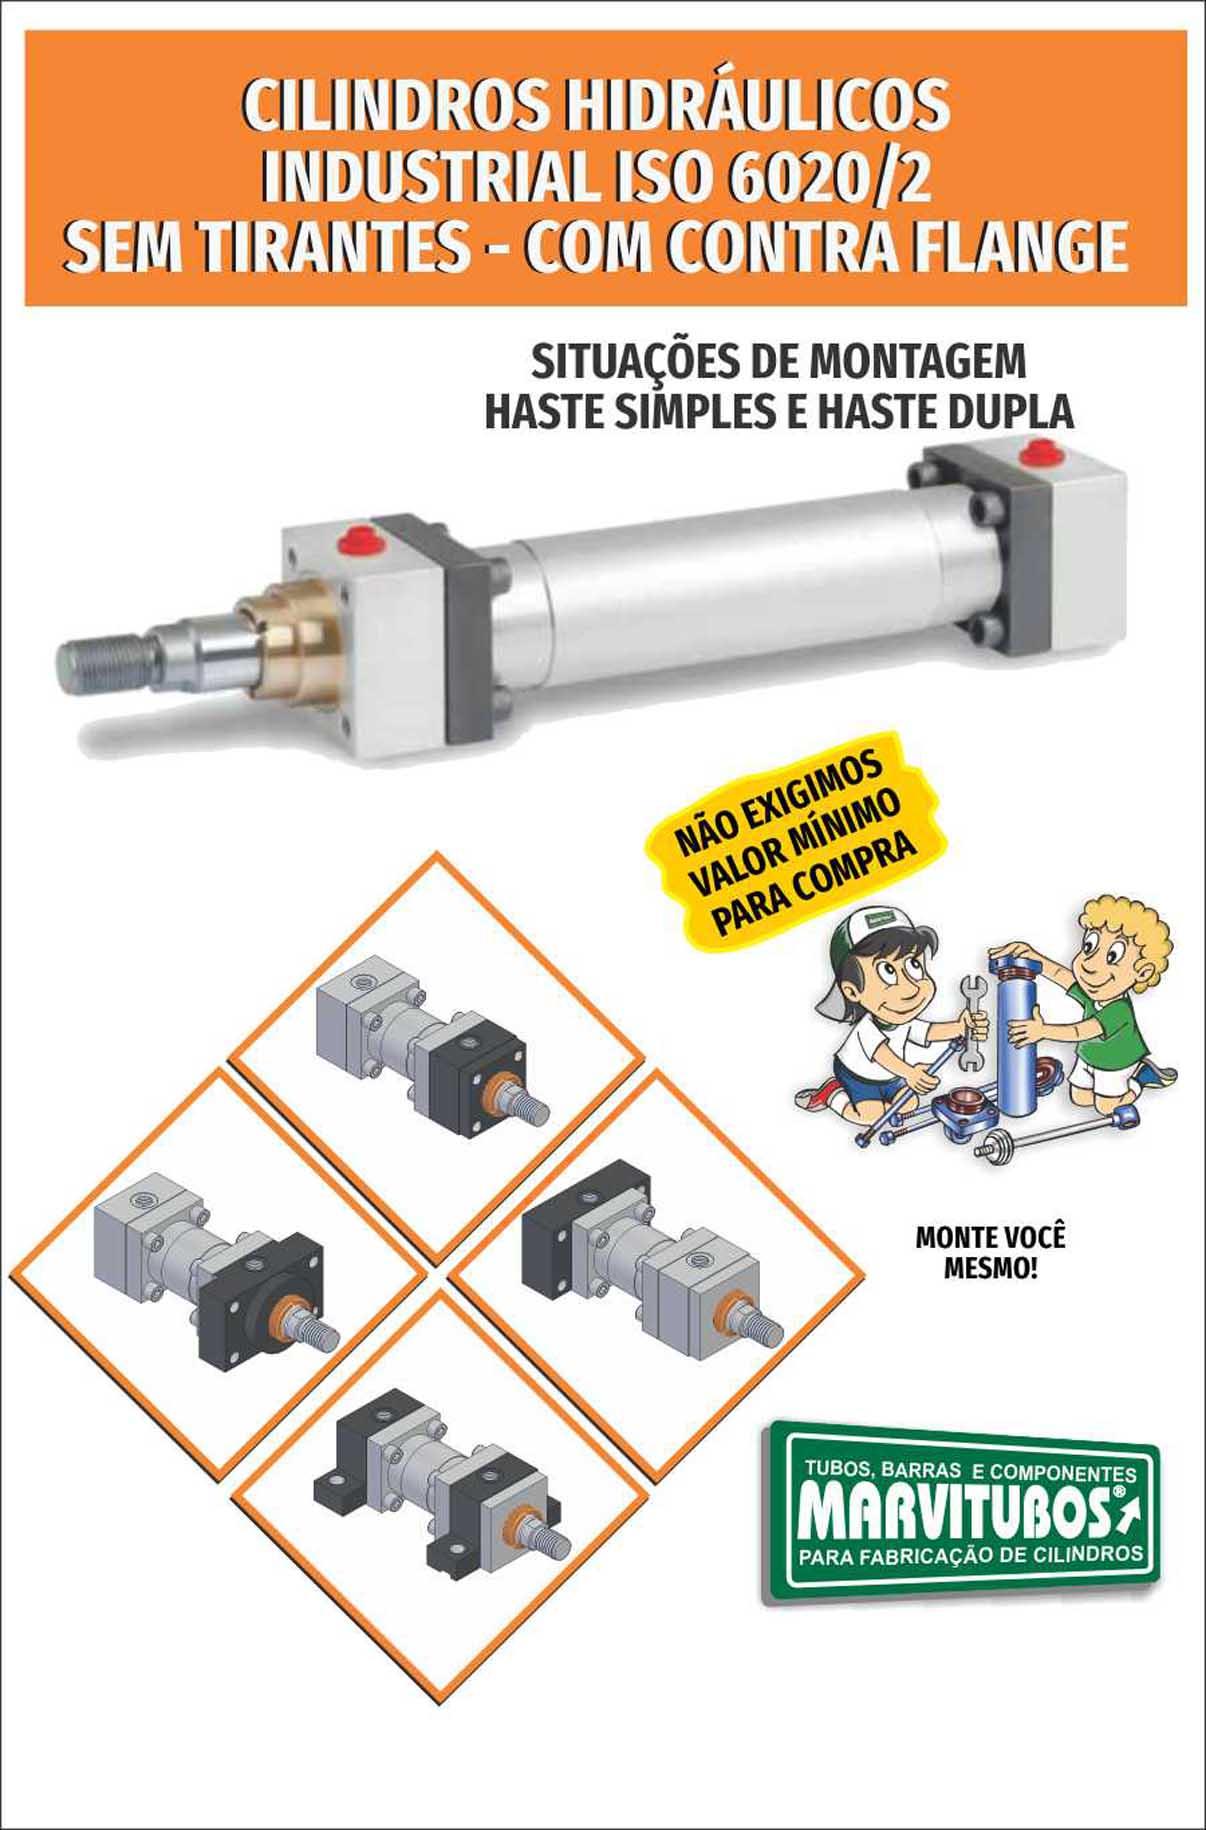 SITUAÇÃO DE MONTAGEM CILINDRO HIDRÁULICO CONTRA FLANGE  ISO 6020/2 - PRESSÃO: 210 BAR